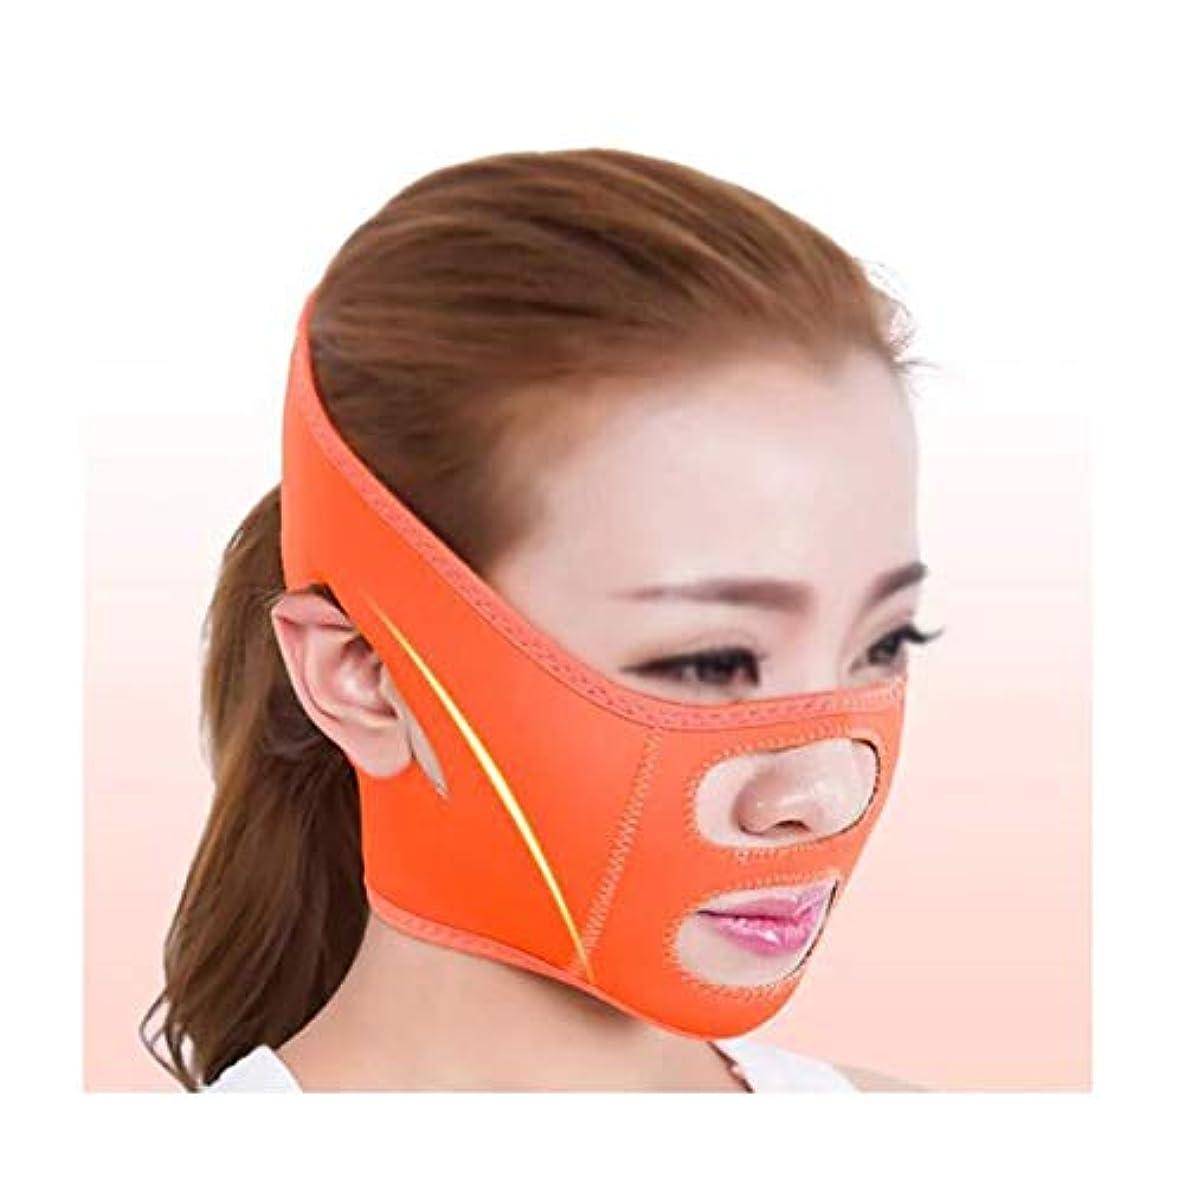 等しいスロープ例ファーミングフェイスマスク、術後リフティングマスクホーム包帯揺れネットワーク赤女性Vフェイスステッカーストラップ楽器顔アーティファクト(色:青),オレンジ